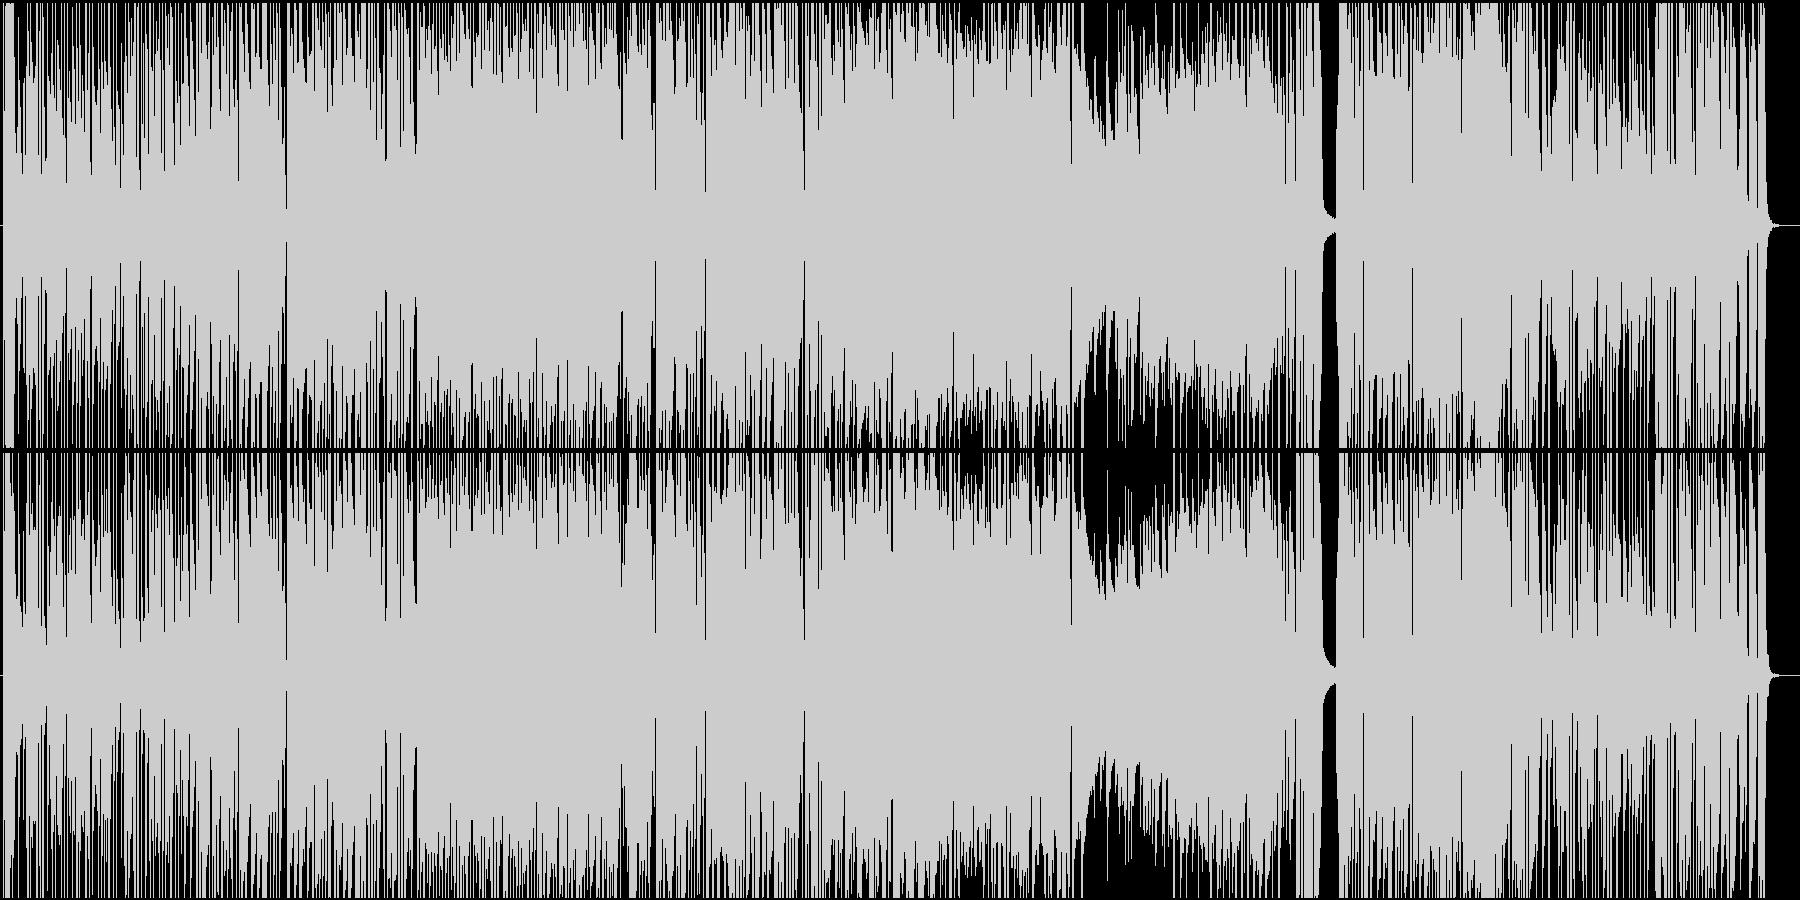 生演奏トランペットの陽気ジャズポップスの未再生の波形